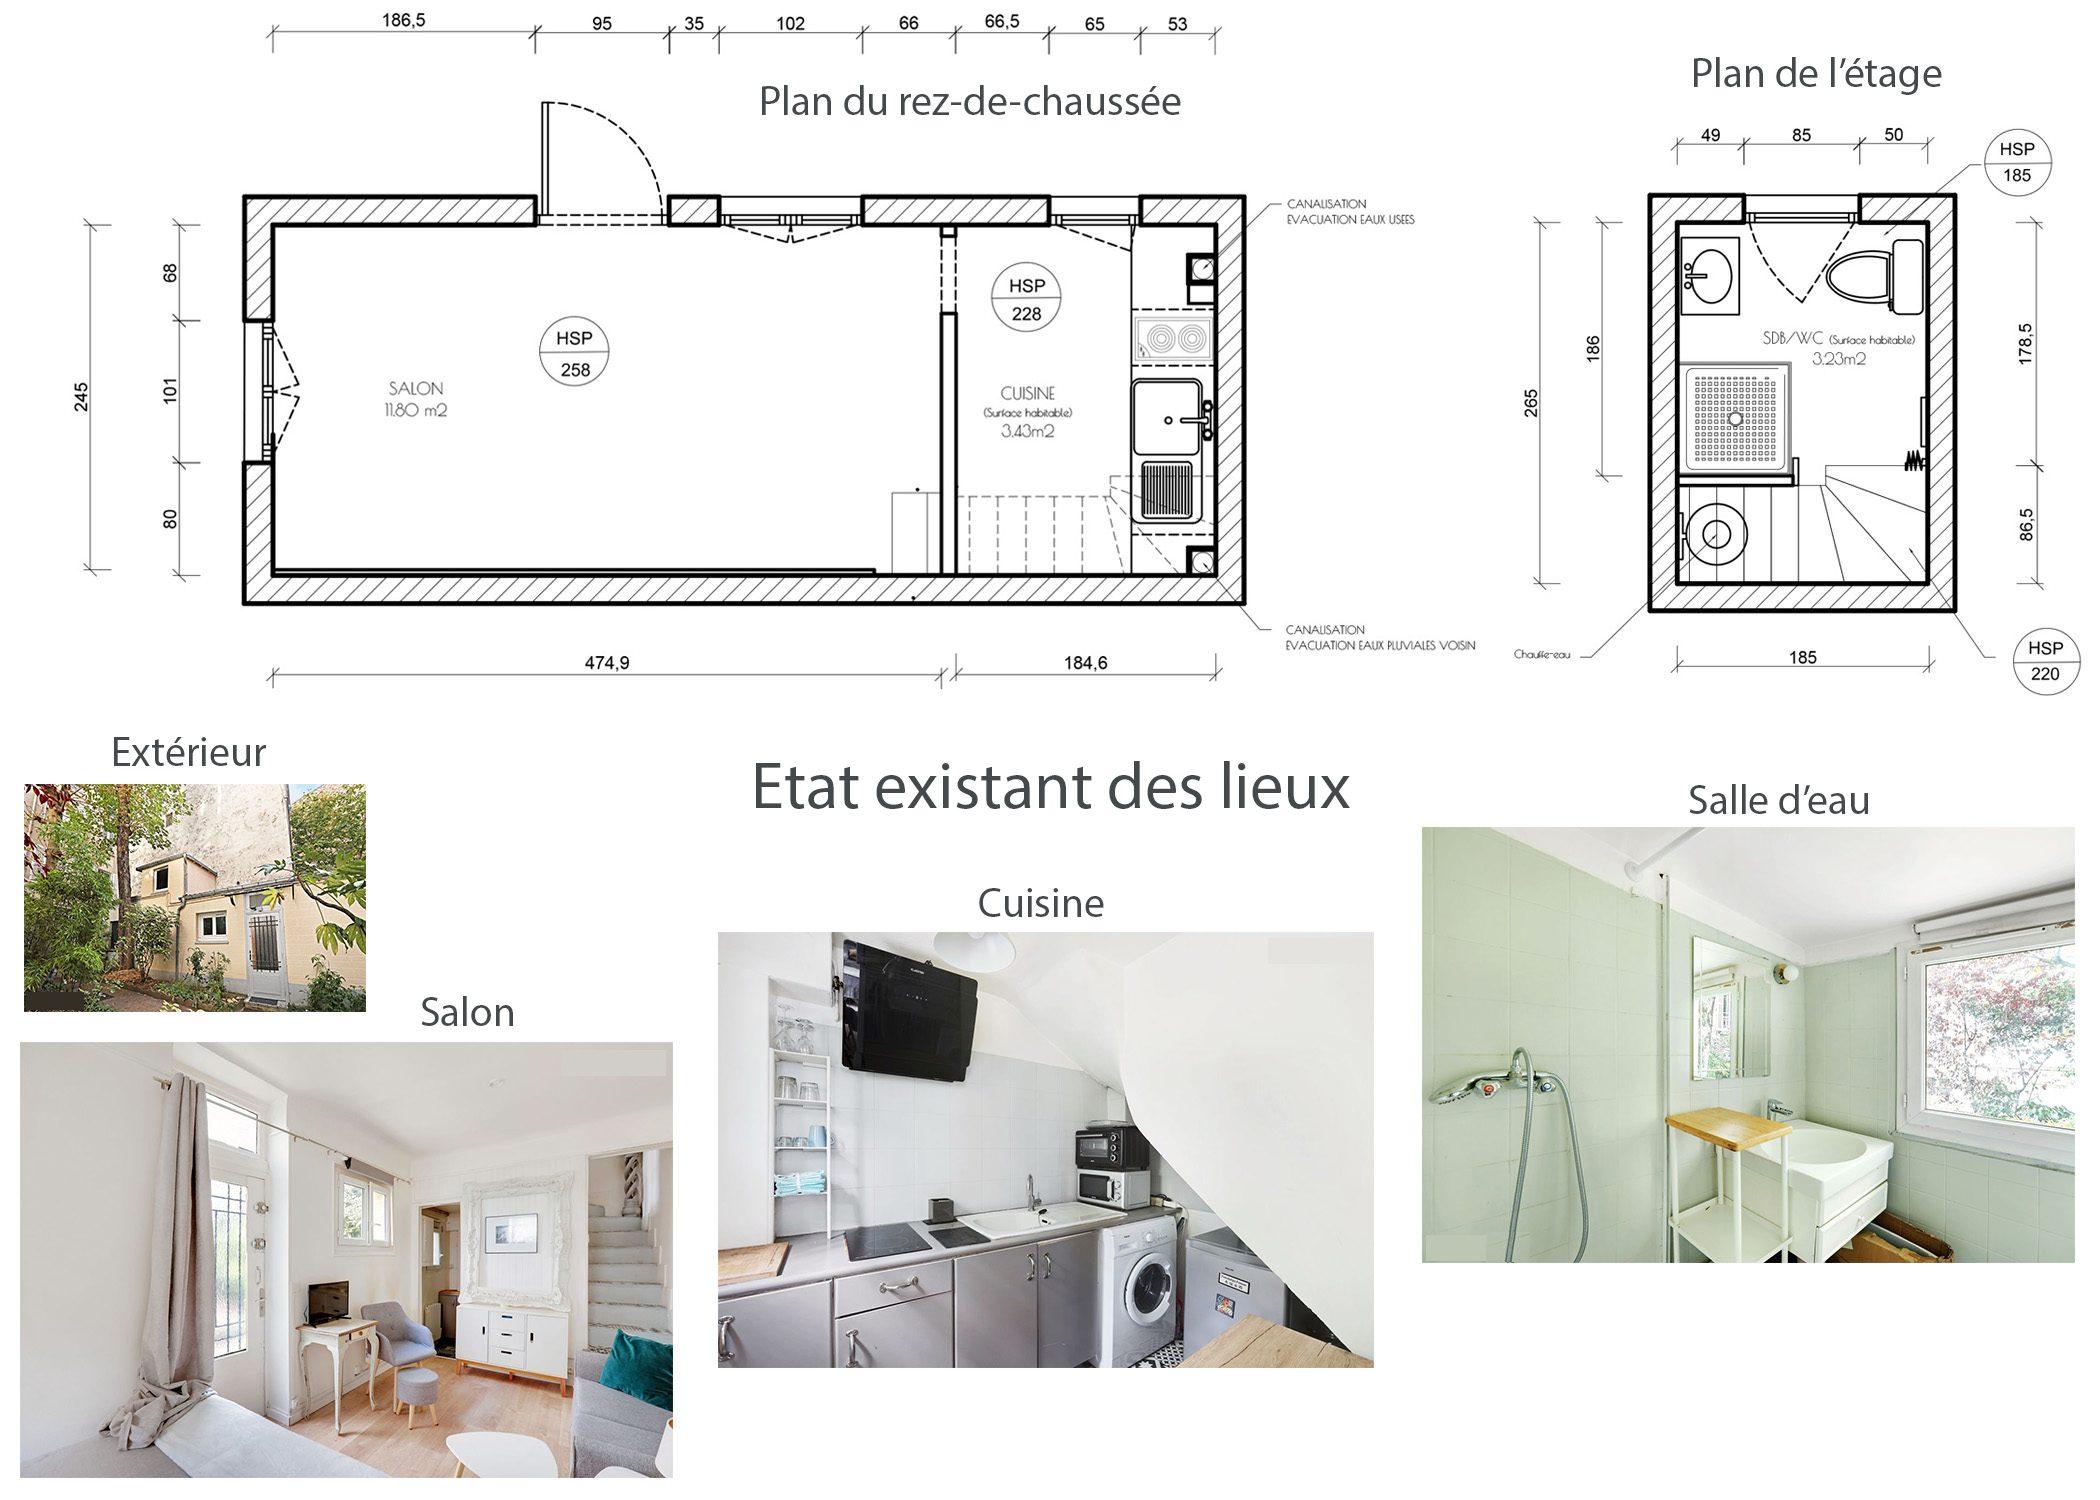 amenagement-decoration-maisonnette-paris-etat avant projet-dekho design